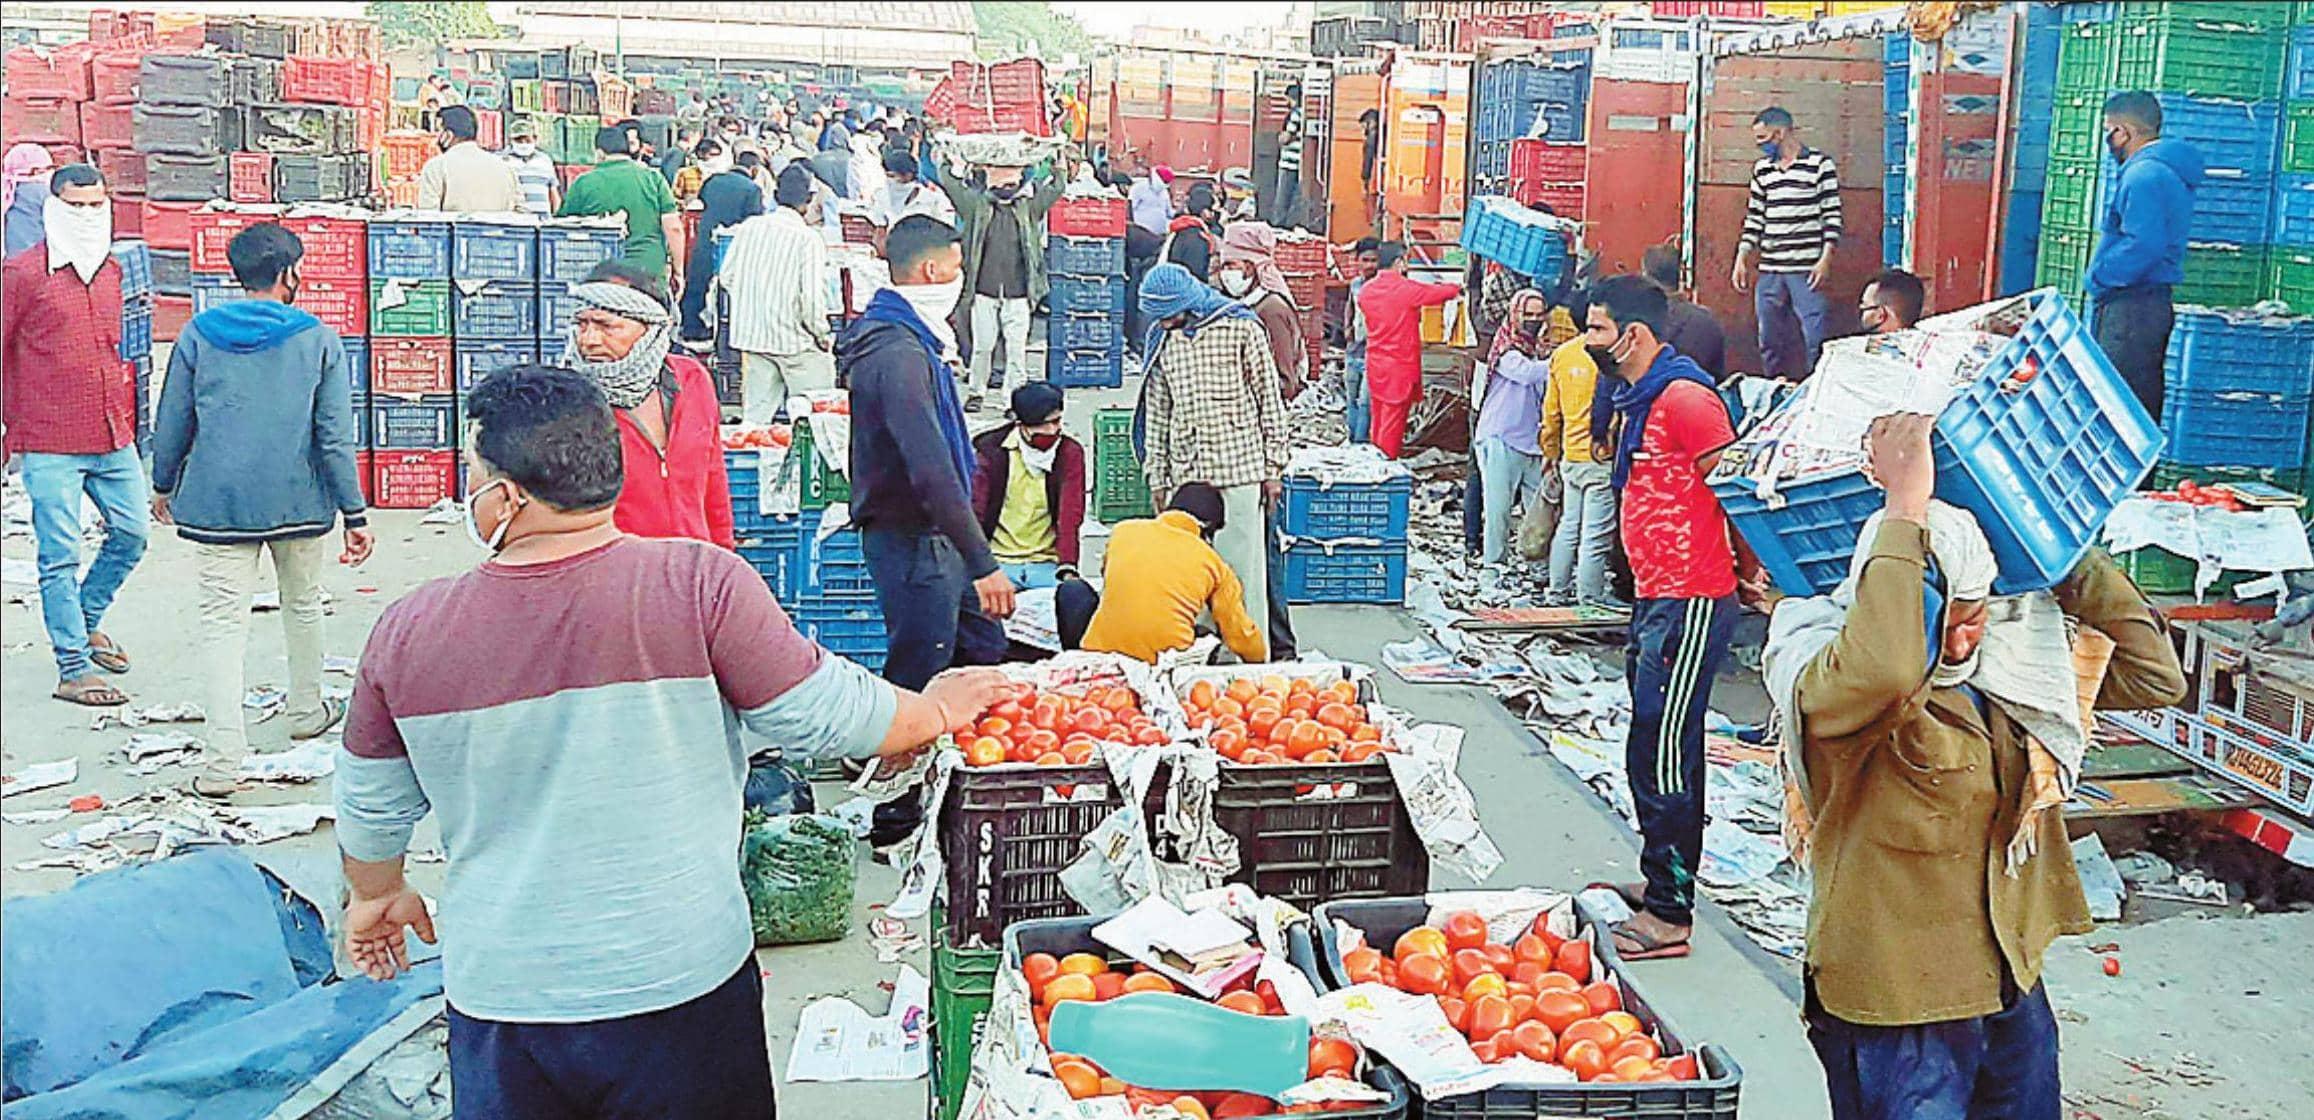 नई सब्जी मंडी बंद होने की चर्चा के बाद नाममात्र आए कारोबारी